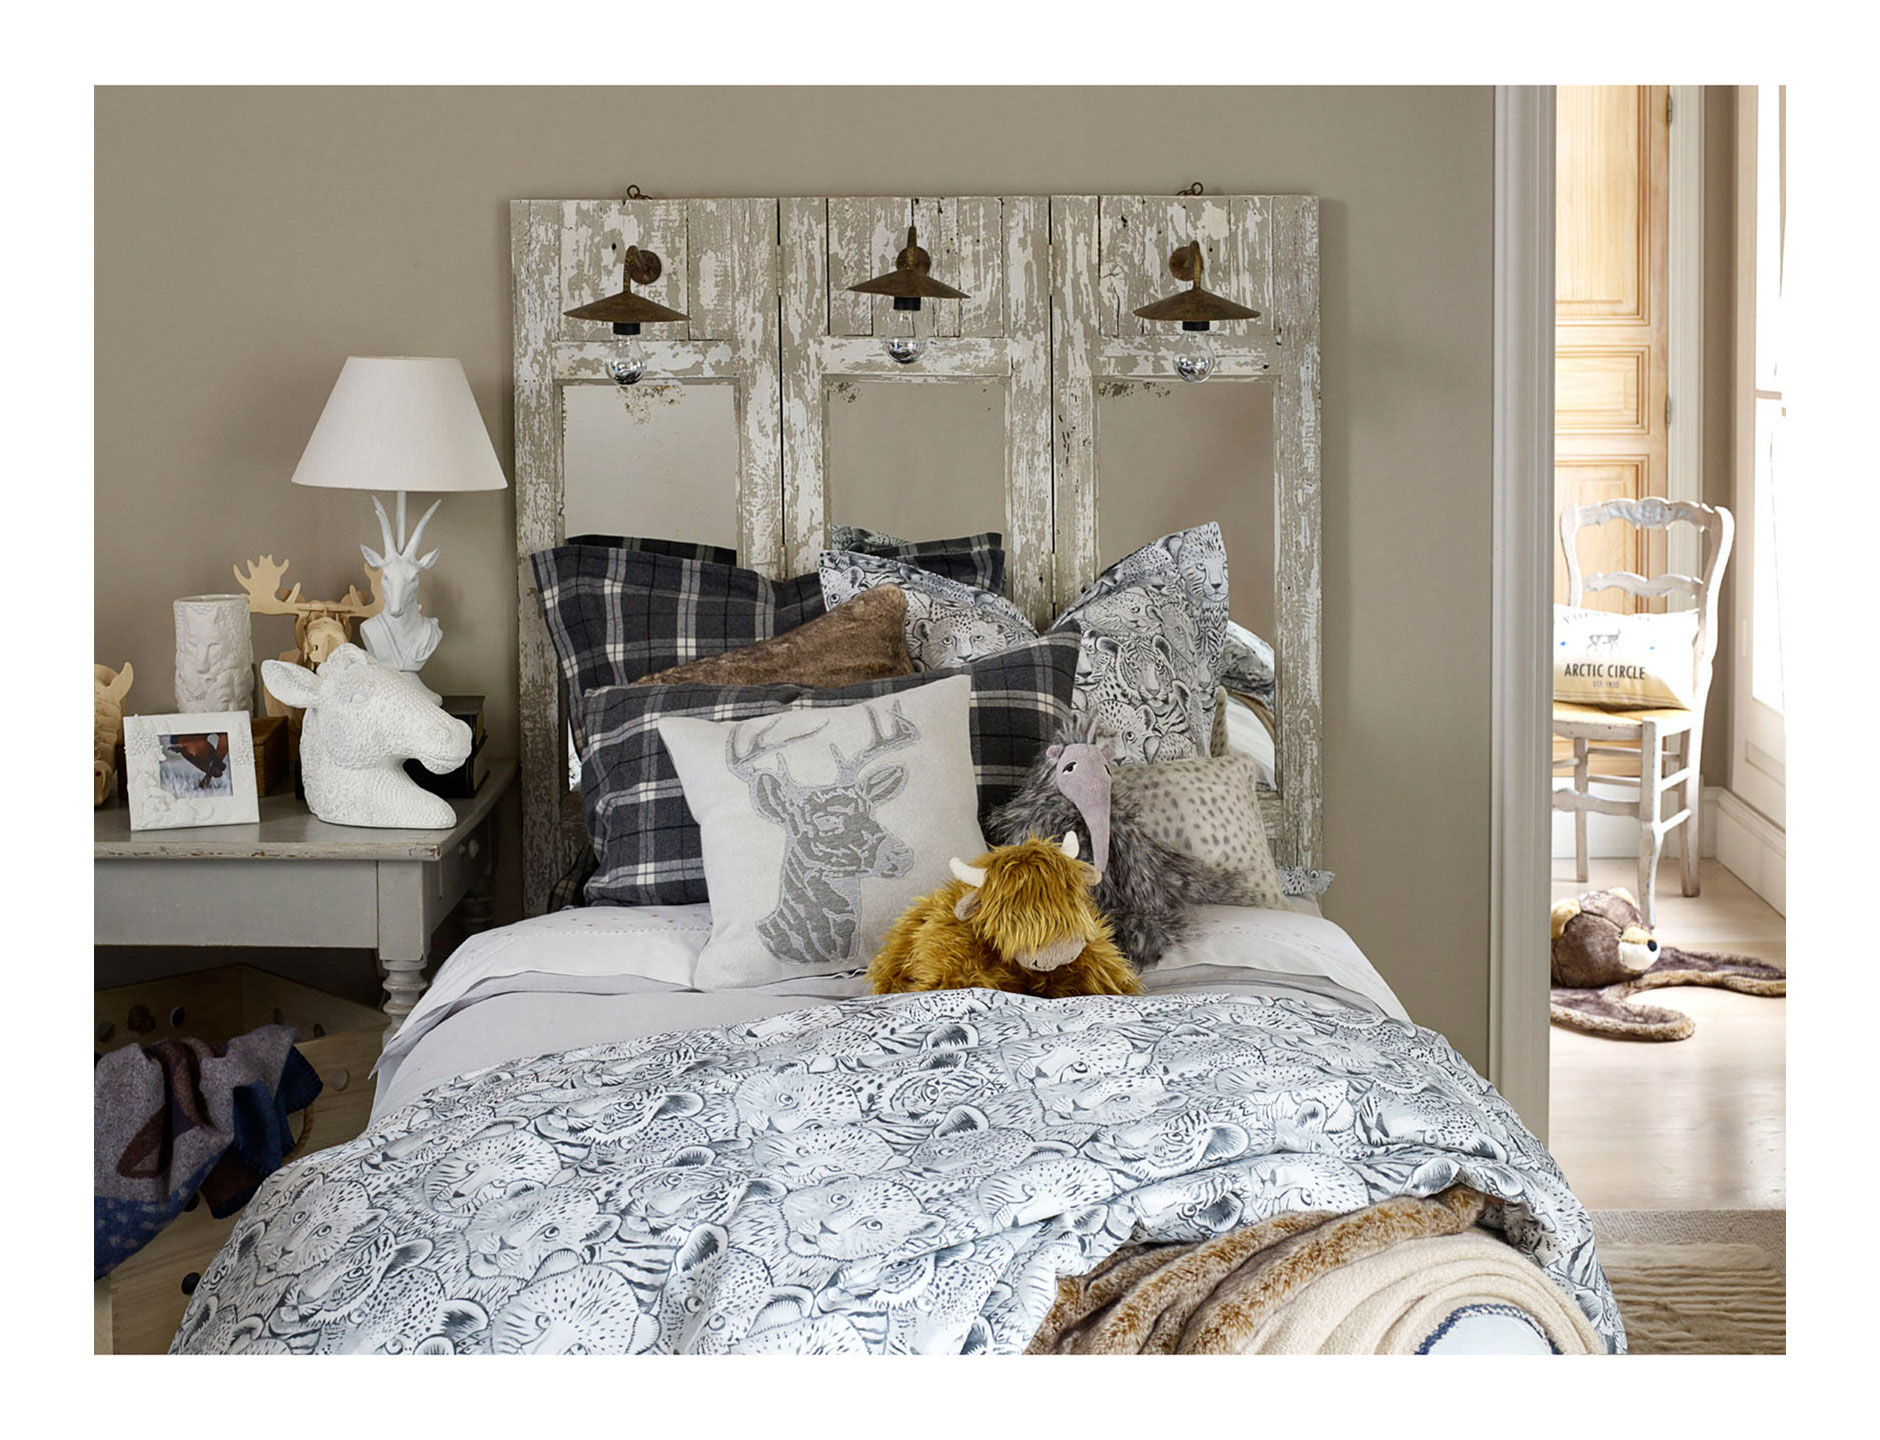 zara home otono invierno 2014 201533. Black Bedroom Furniture Sets. Home Design Ideas